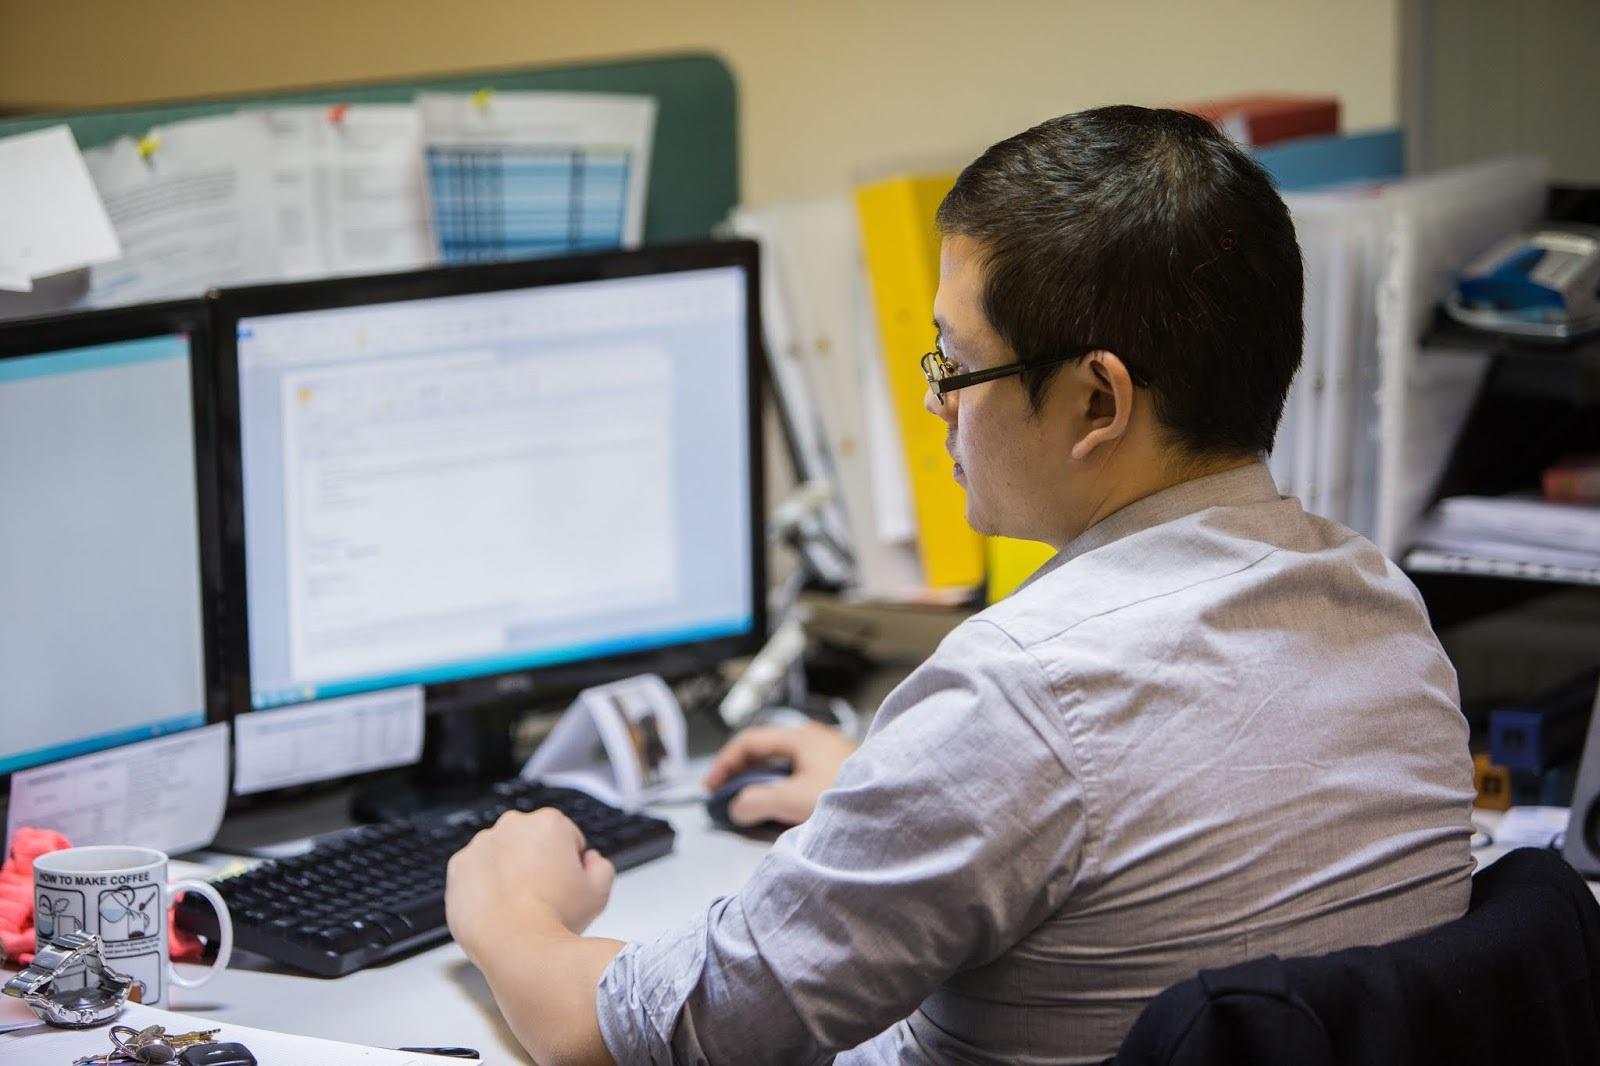 مهن وتخصصات الحاسب